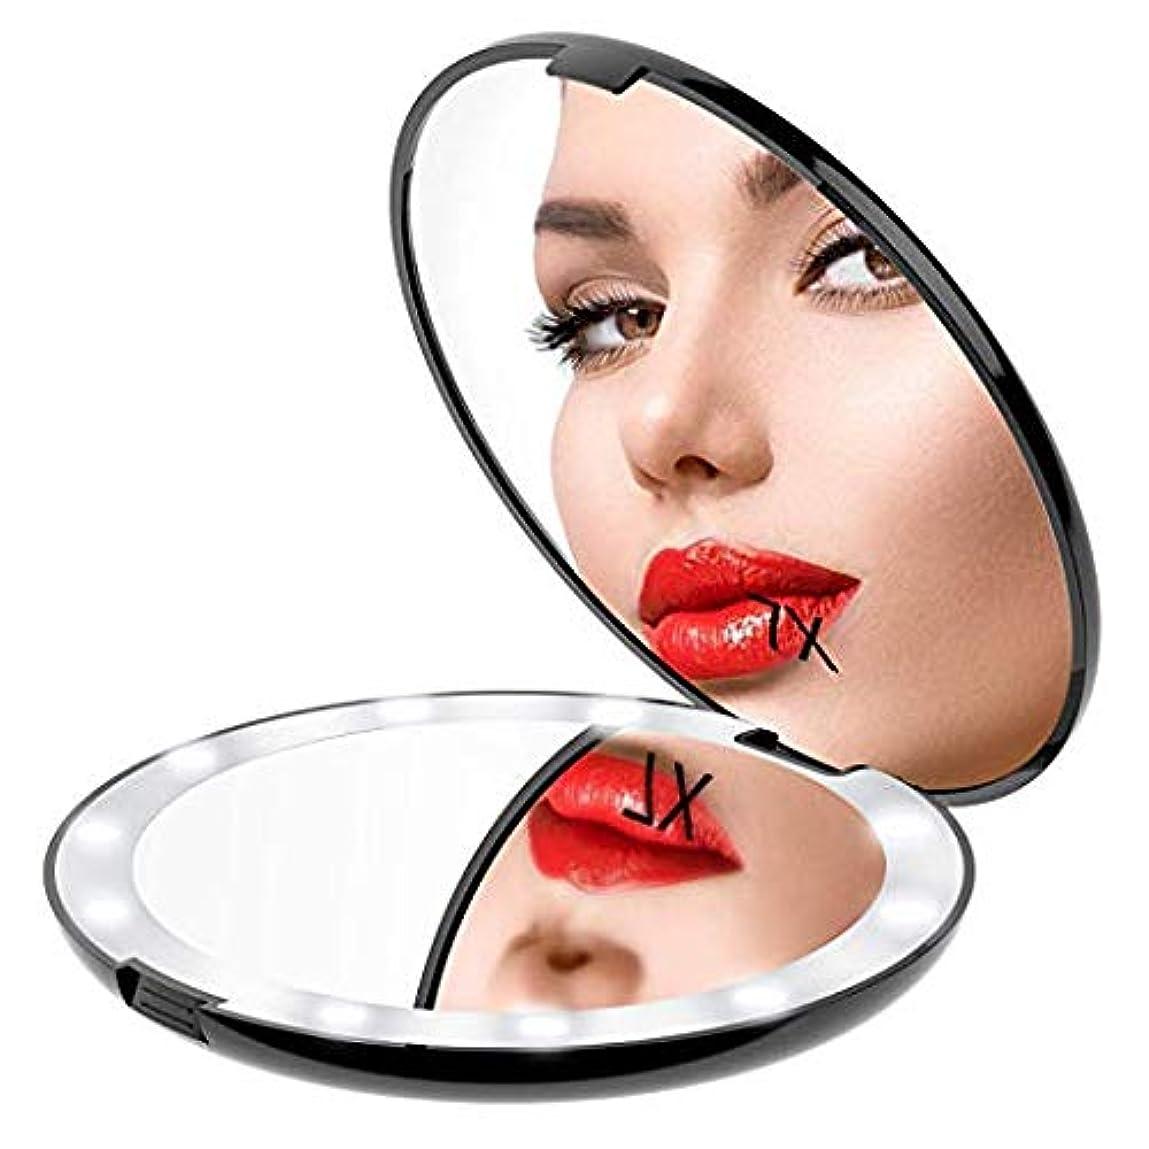 散るファシズム反逆者Gospire 化粧鏡 7倍拡大鏡 携帯ミラー 化粧ミラー LEDライト 手鏡 折りたたみ式 コンパクト 角度調整可 (ブラック)